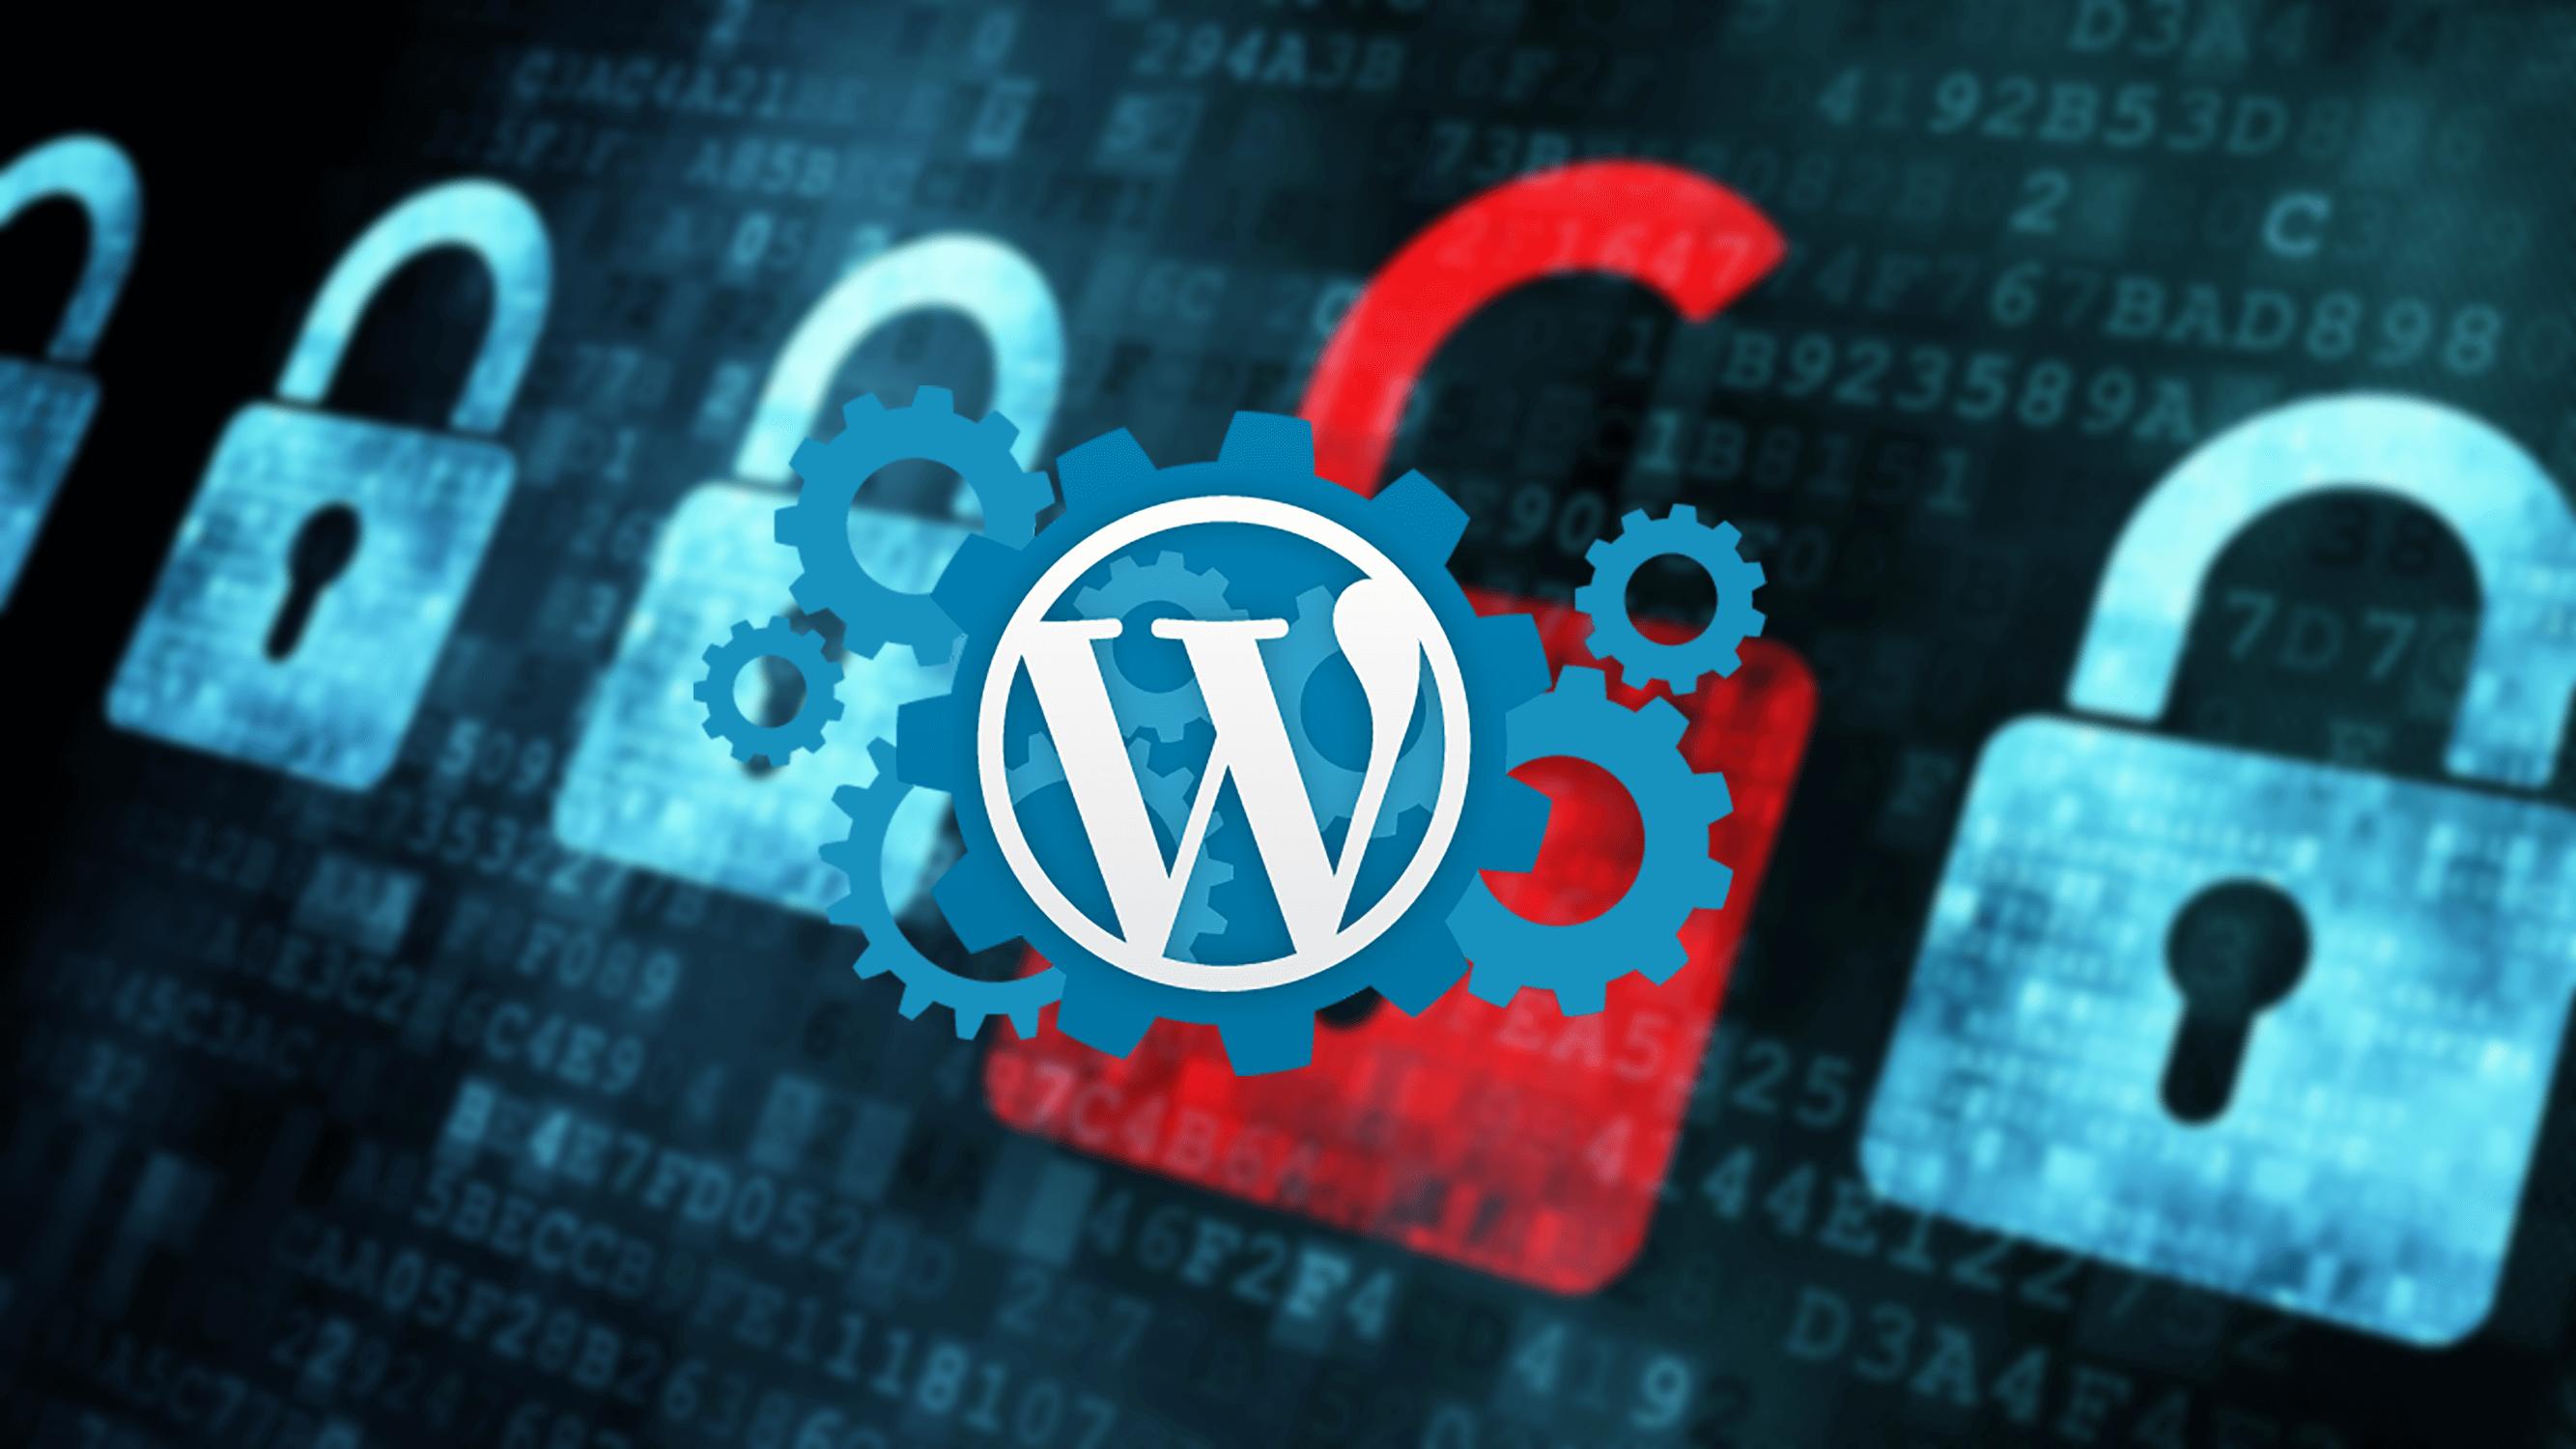 Corrigindo vulnerabilidade no wordpress